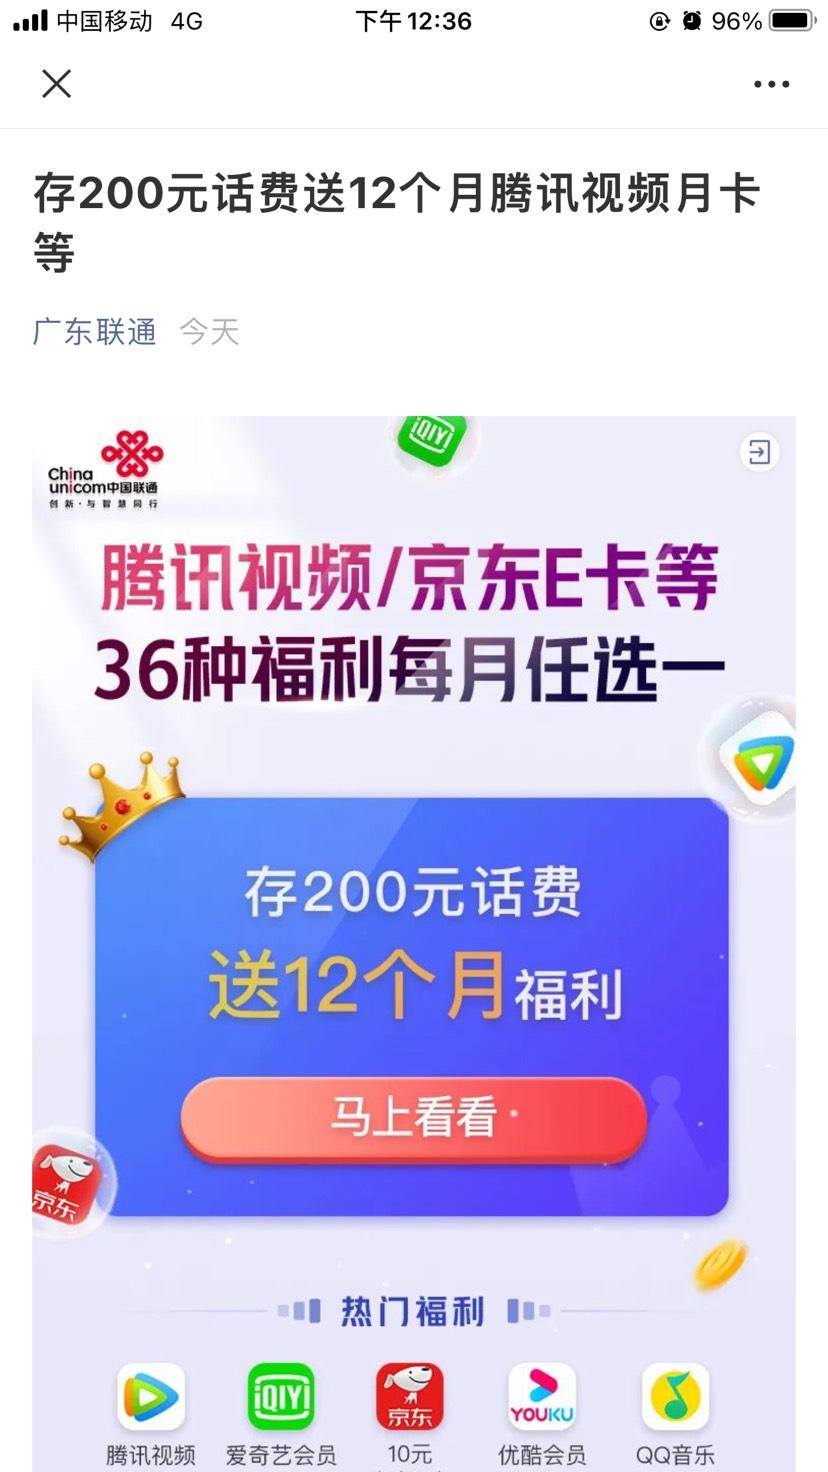 广东联通充200送12个月的<b style=